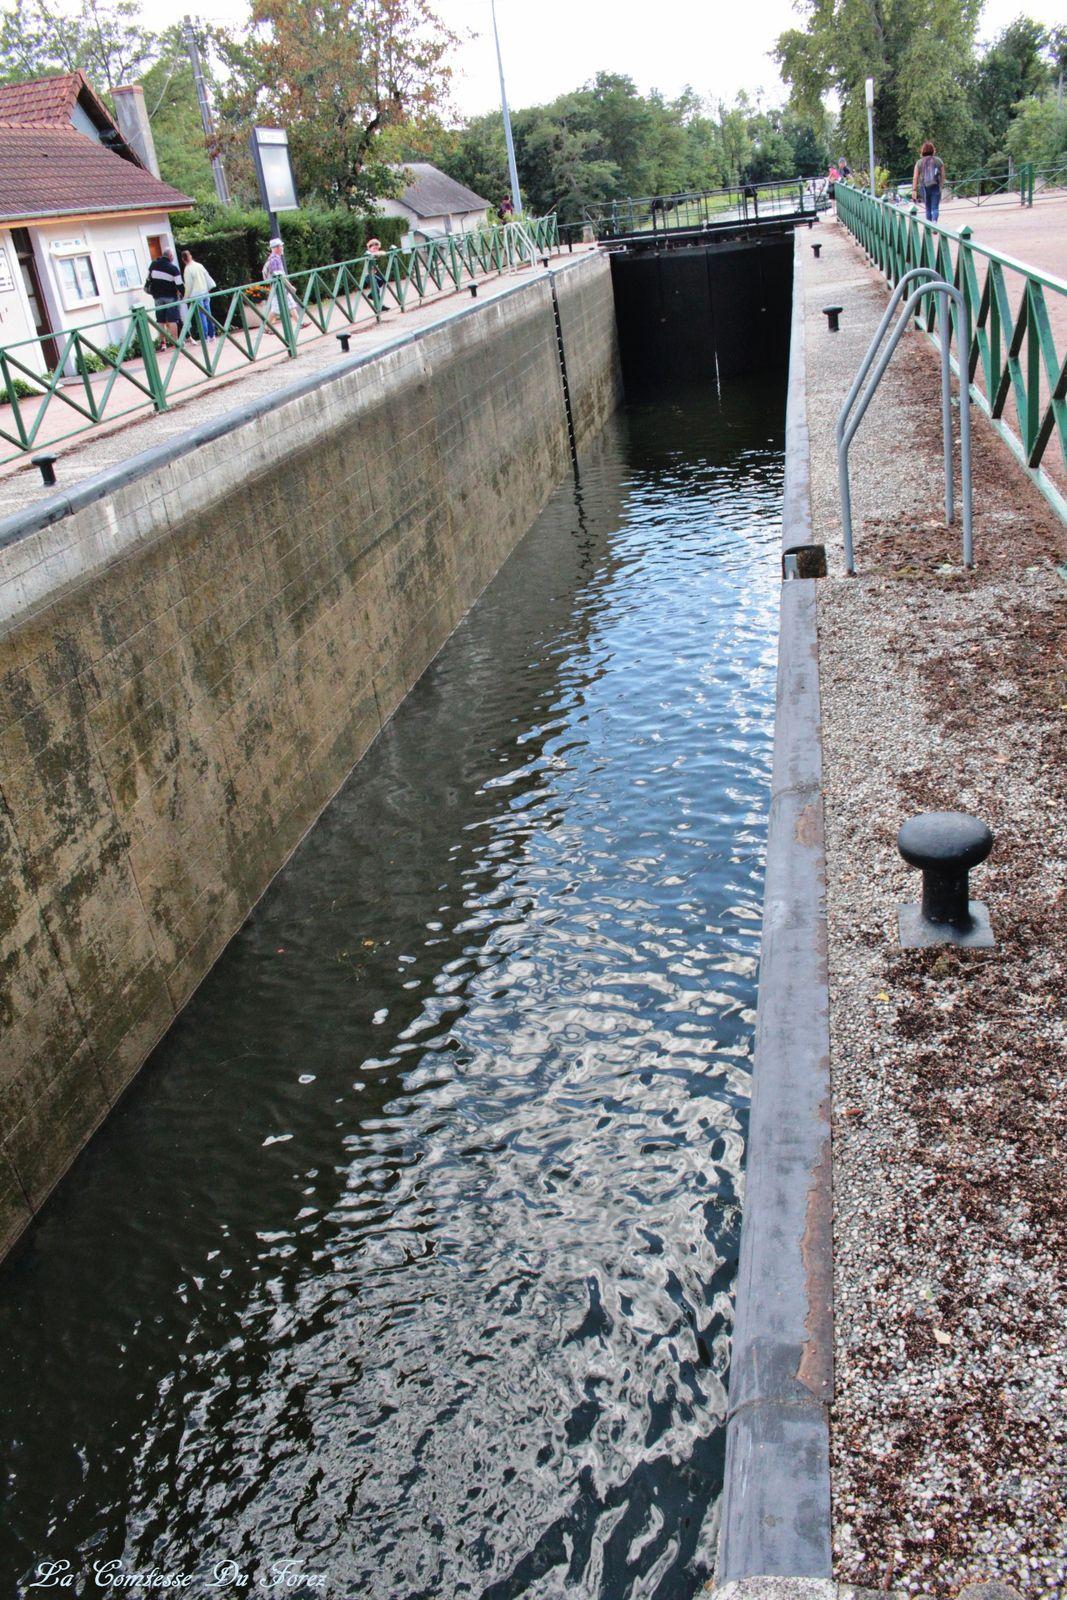 Le pont-canal de Digoin (71160, Saône-et-Loire)